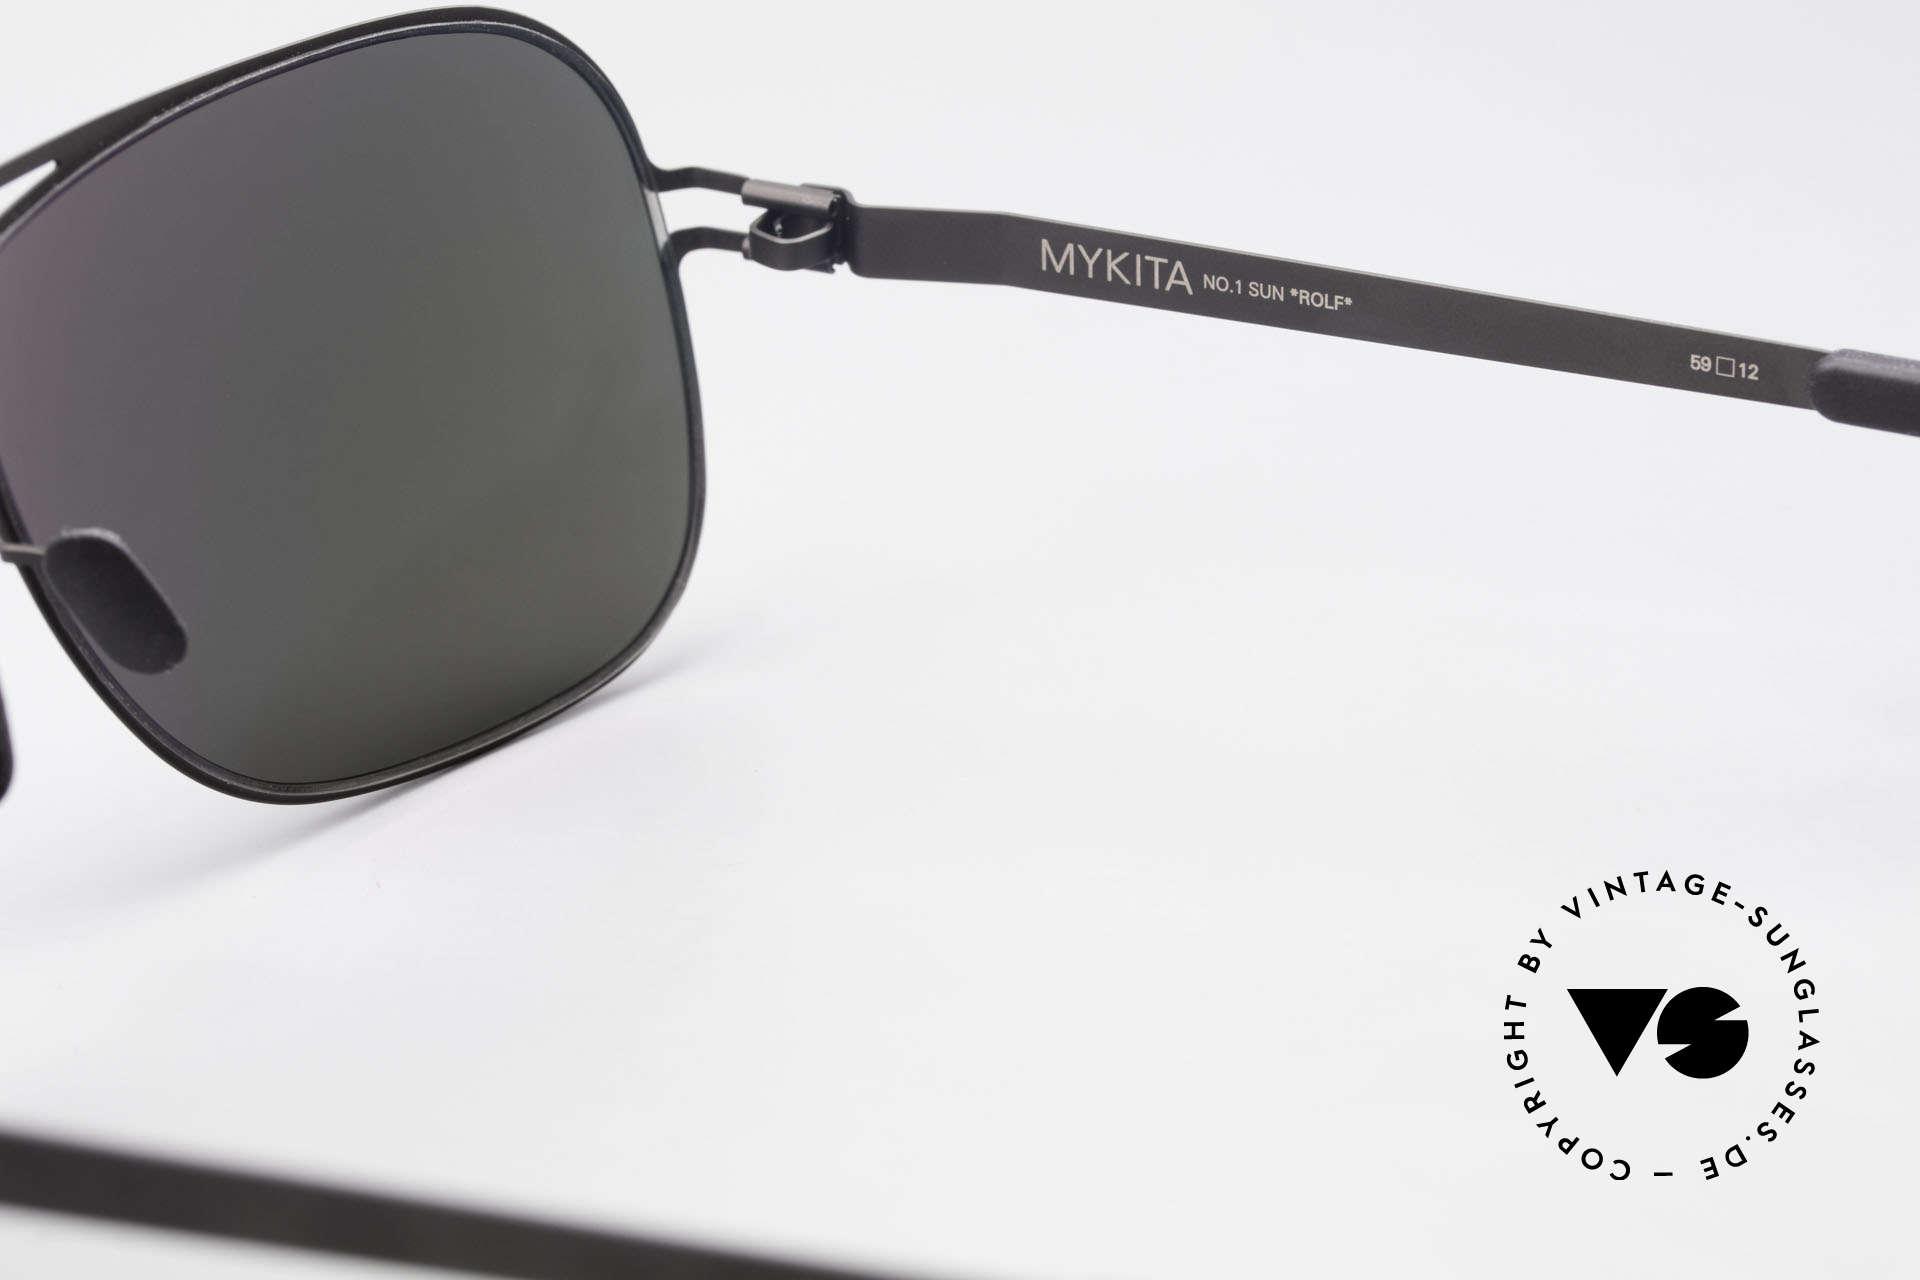 Mykita Rolf Promi Sonnenbrille Verspiegelt, ebenso von Prad Pitt, Jason Statham und Pierce Brosnan, Passend für Herren und Damen